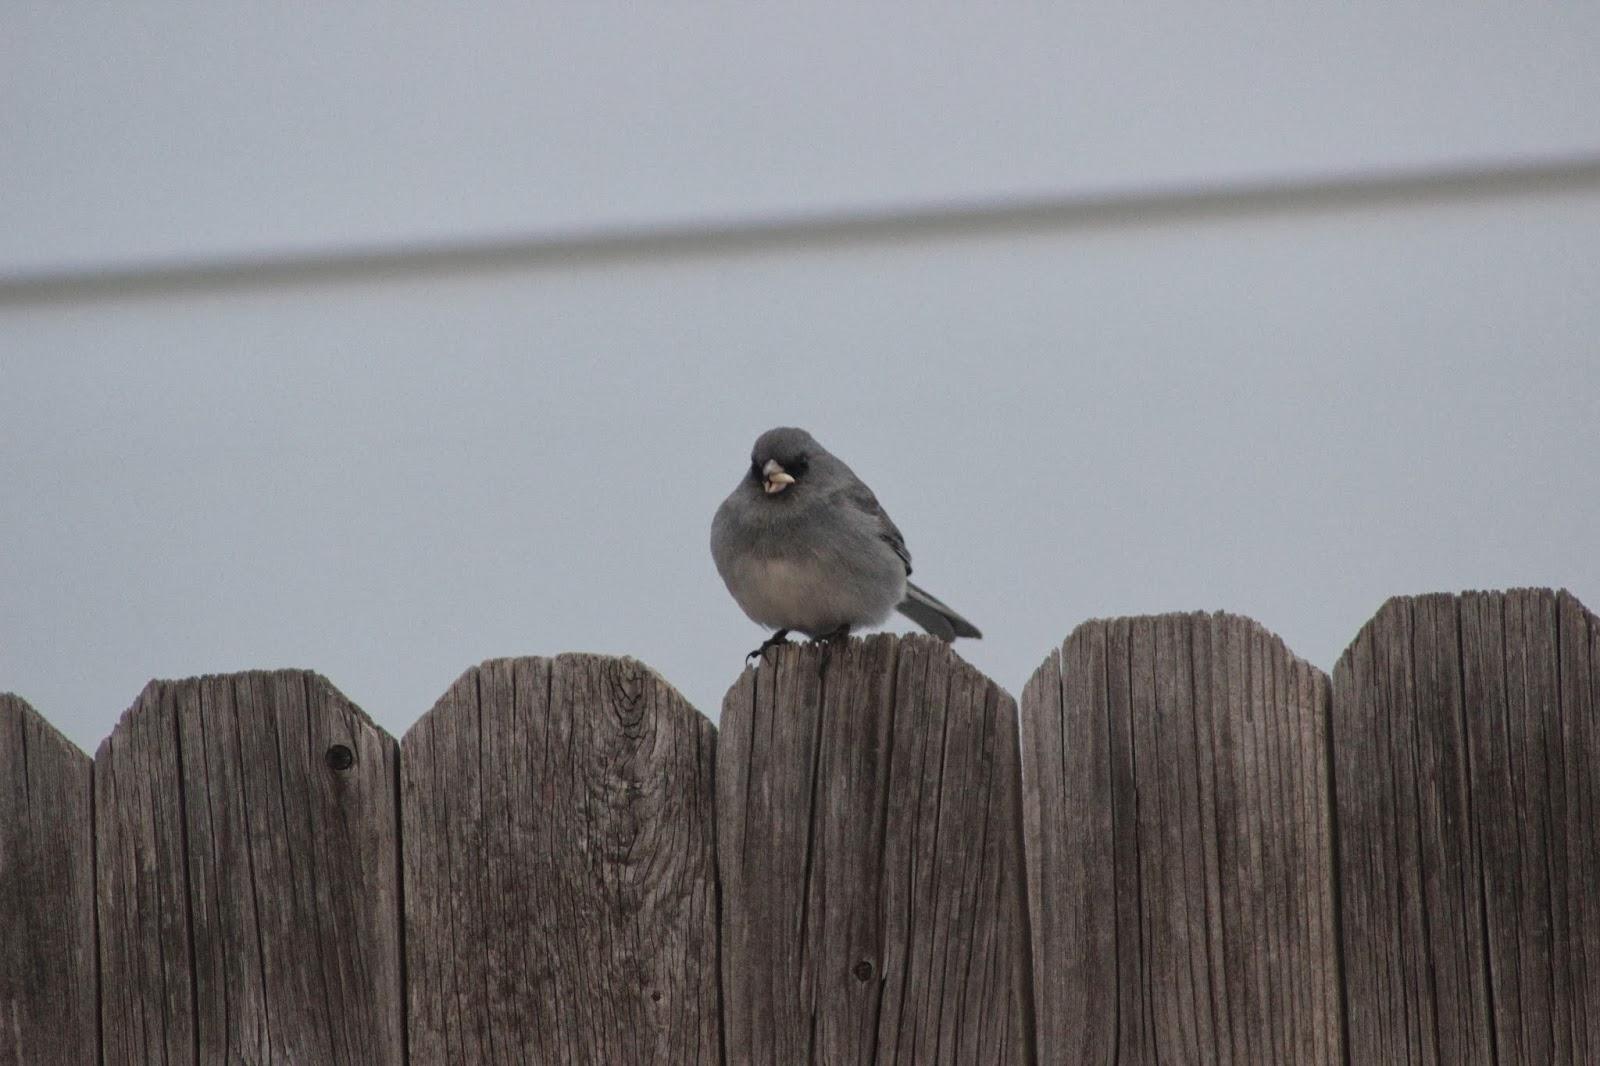 Mantener caliente en invierno es para los pájaros | Smithsonian Insider